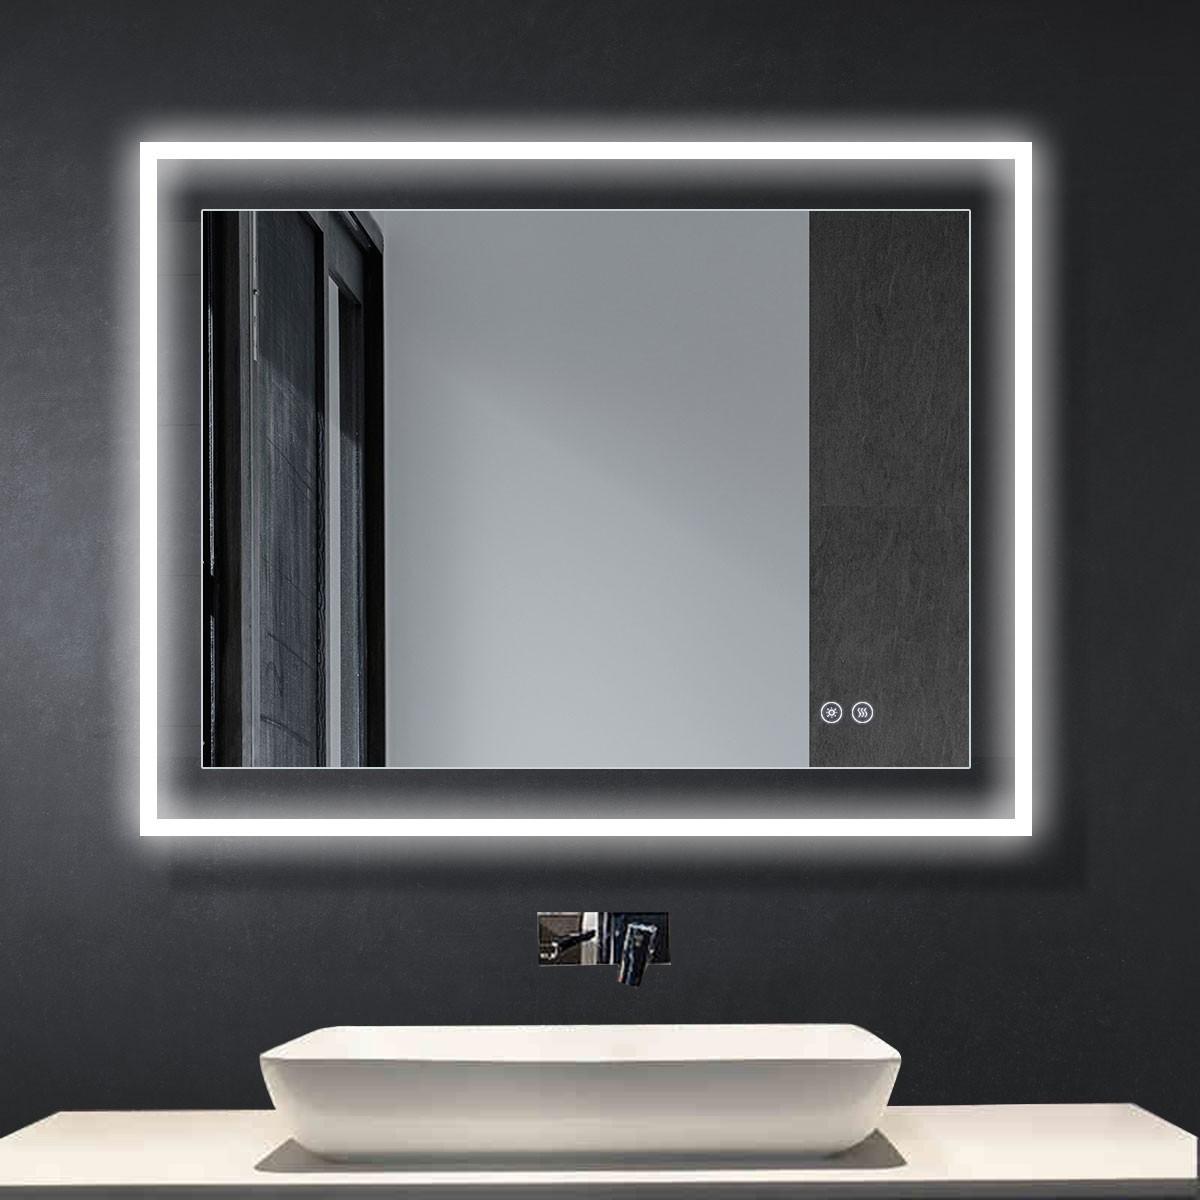 DECORAPORT 36 x 28 Po Miroir de Salle de Bain LED avec Bouton Tactile, Anti-Buée, Luminosité Réglable, Montage Vertical & Horizontal (D313-3628)